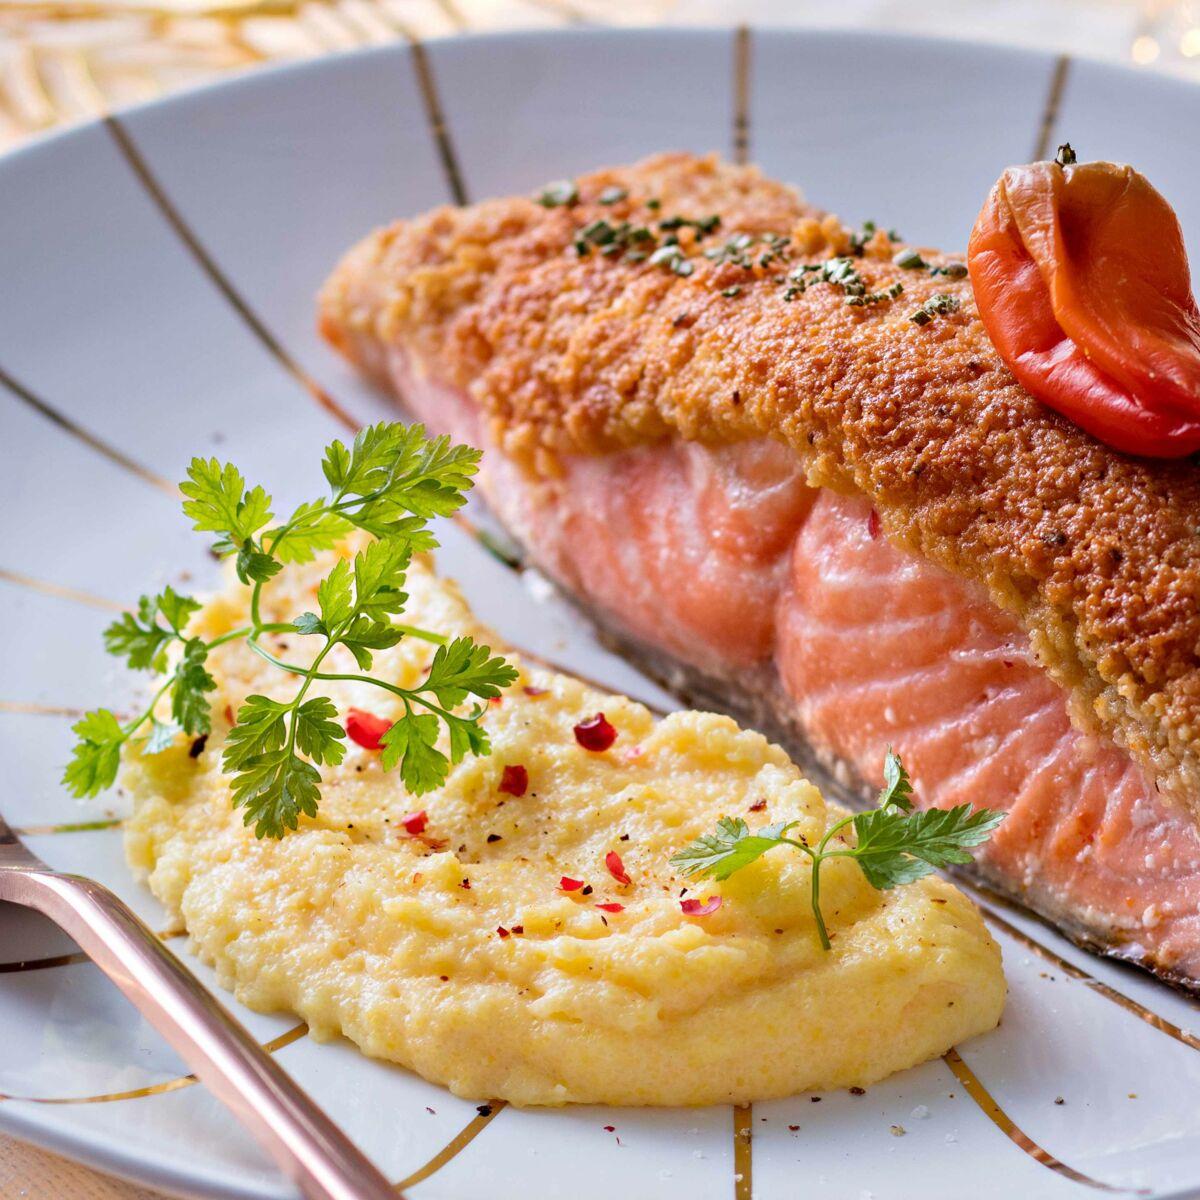 Repas de fête  plus de 12 recettes au saumon  Femme Actuelle Le MAG